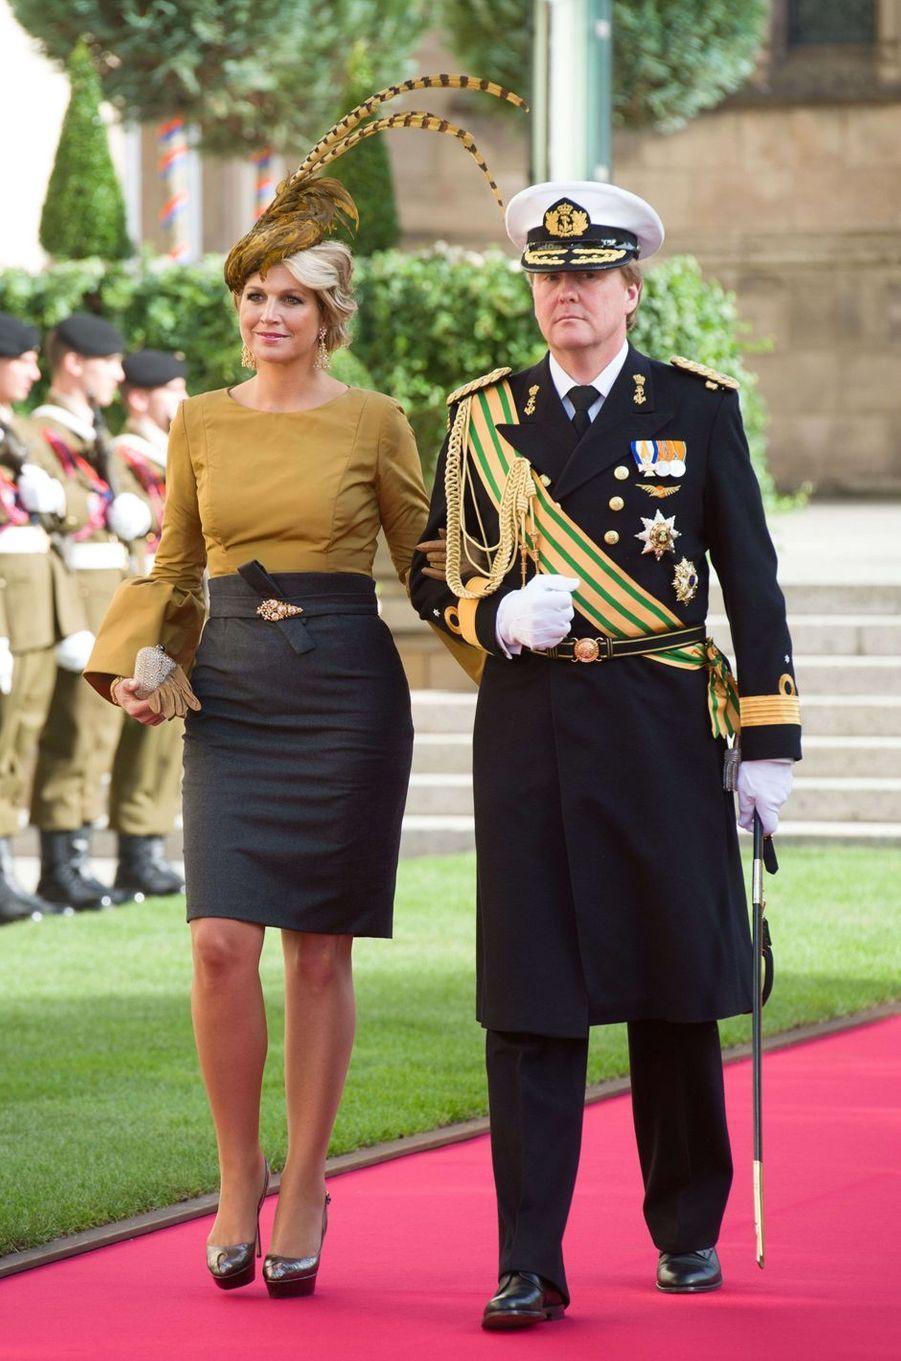 La princesse Maxima des Pays-Bas avec un chapeau orné de hautes plumes, le 20 octobre 2012